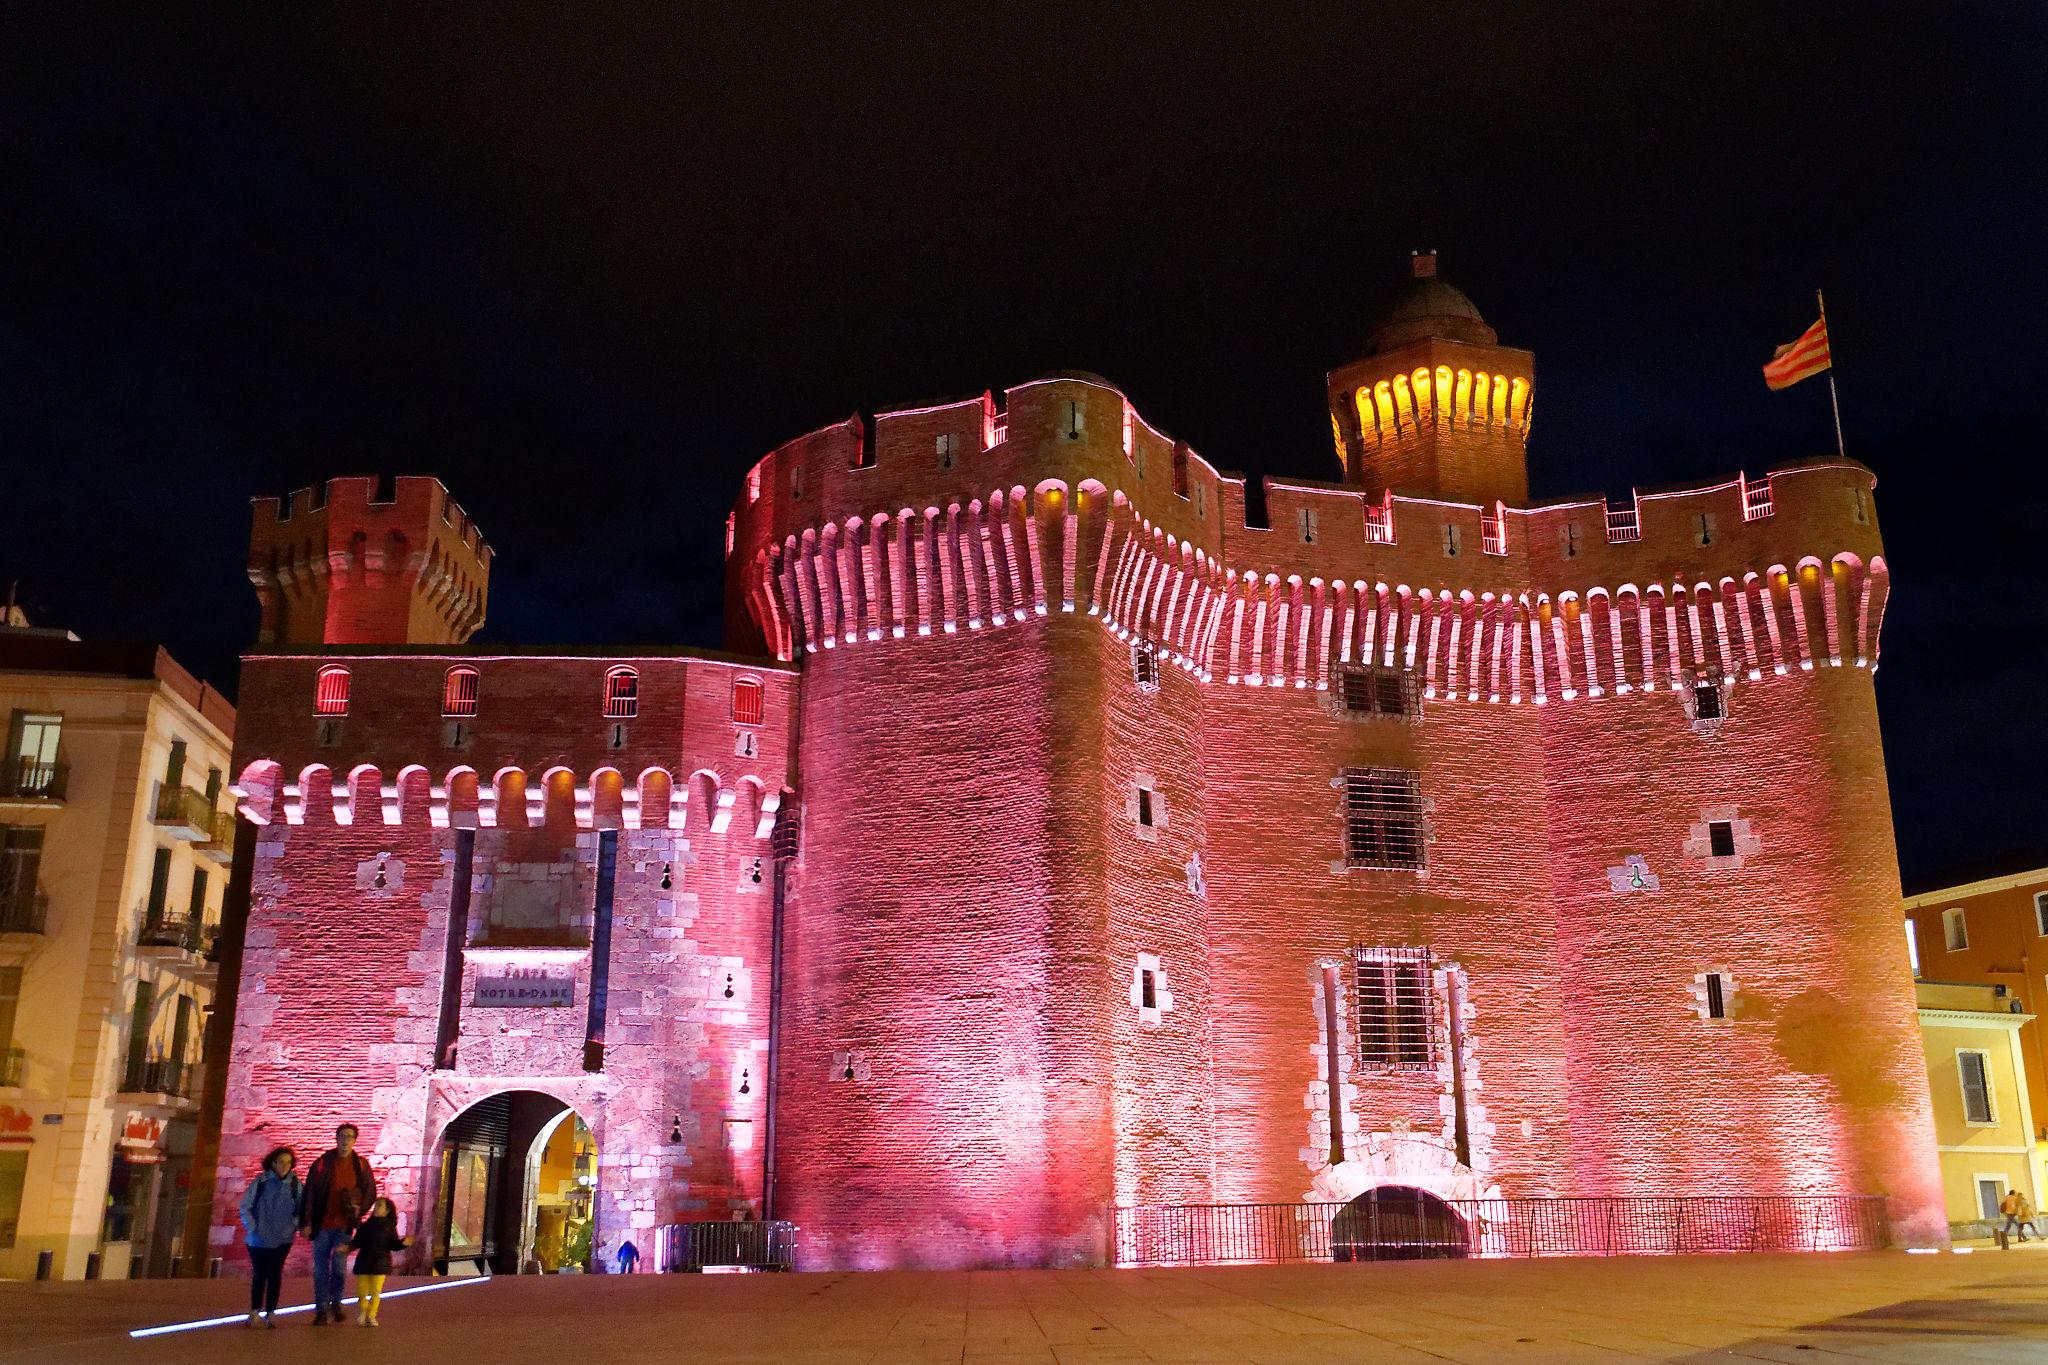 Illuminations de nuit pour le Castillet de Perpignan